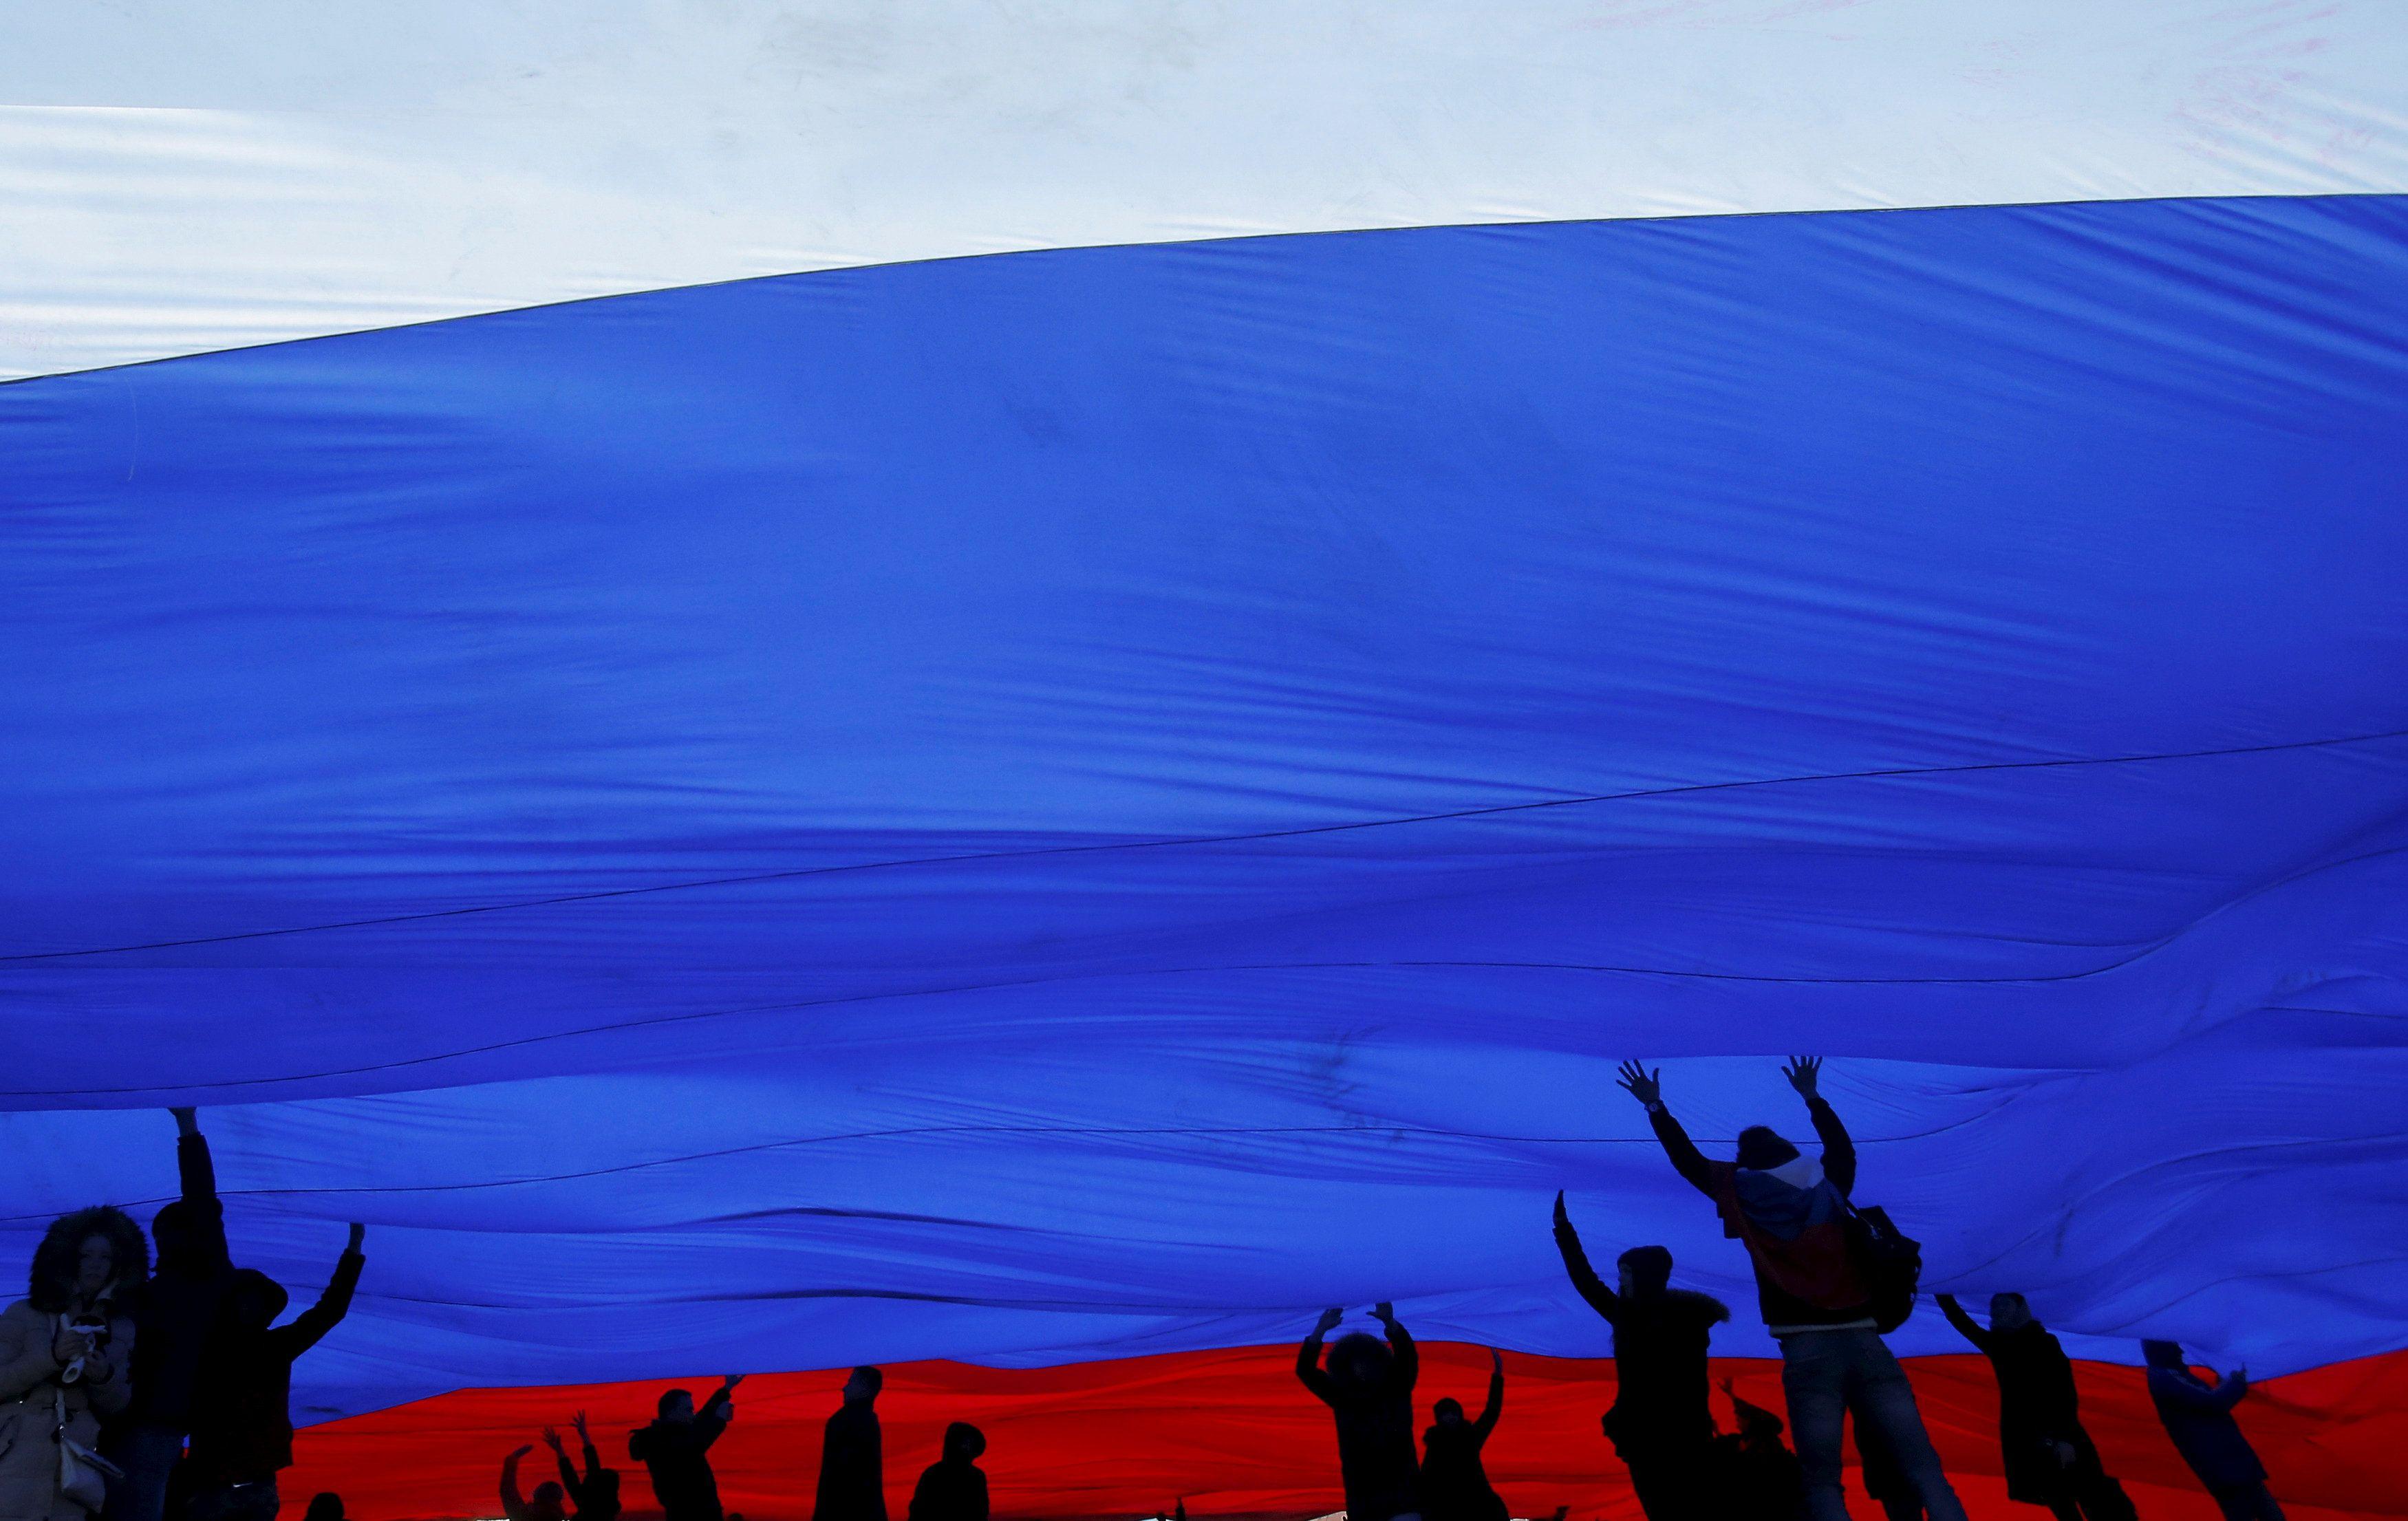 РФ грозит крах без доходов от экспорта продуктов